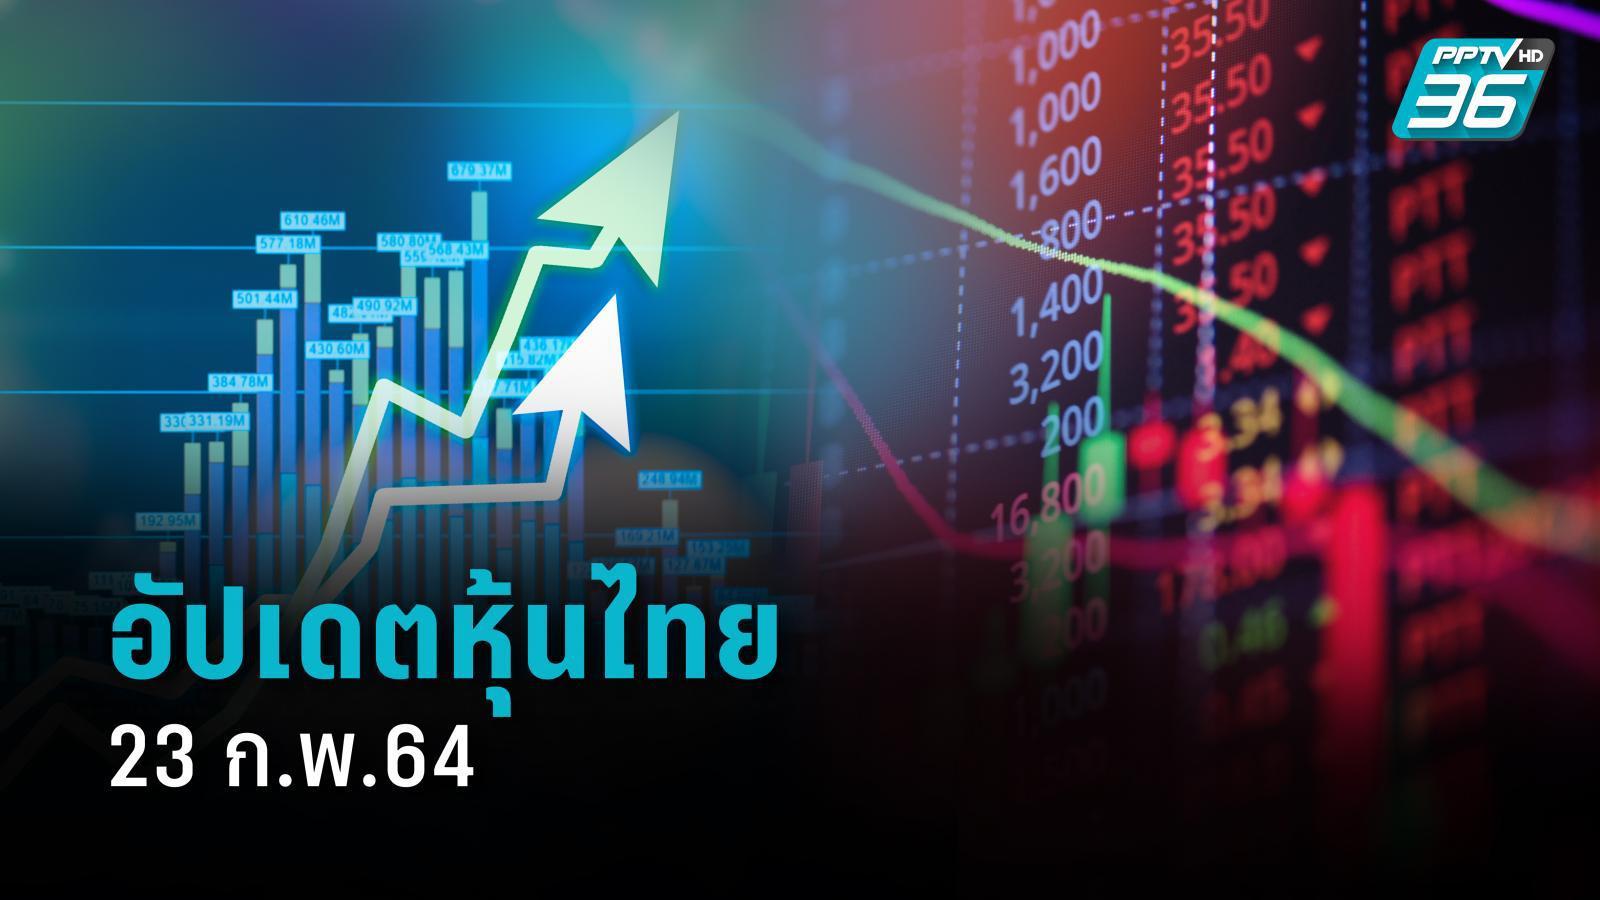 แนวโน้มหุ้นไทย (23 ก.พ.64) ปิดการซื้อขาย ที่ระดับ 1,500.61 จุด เพิ่มขึ้น 22.47 จุด